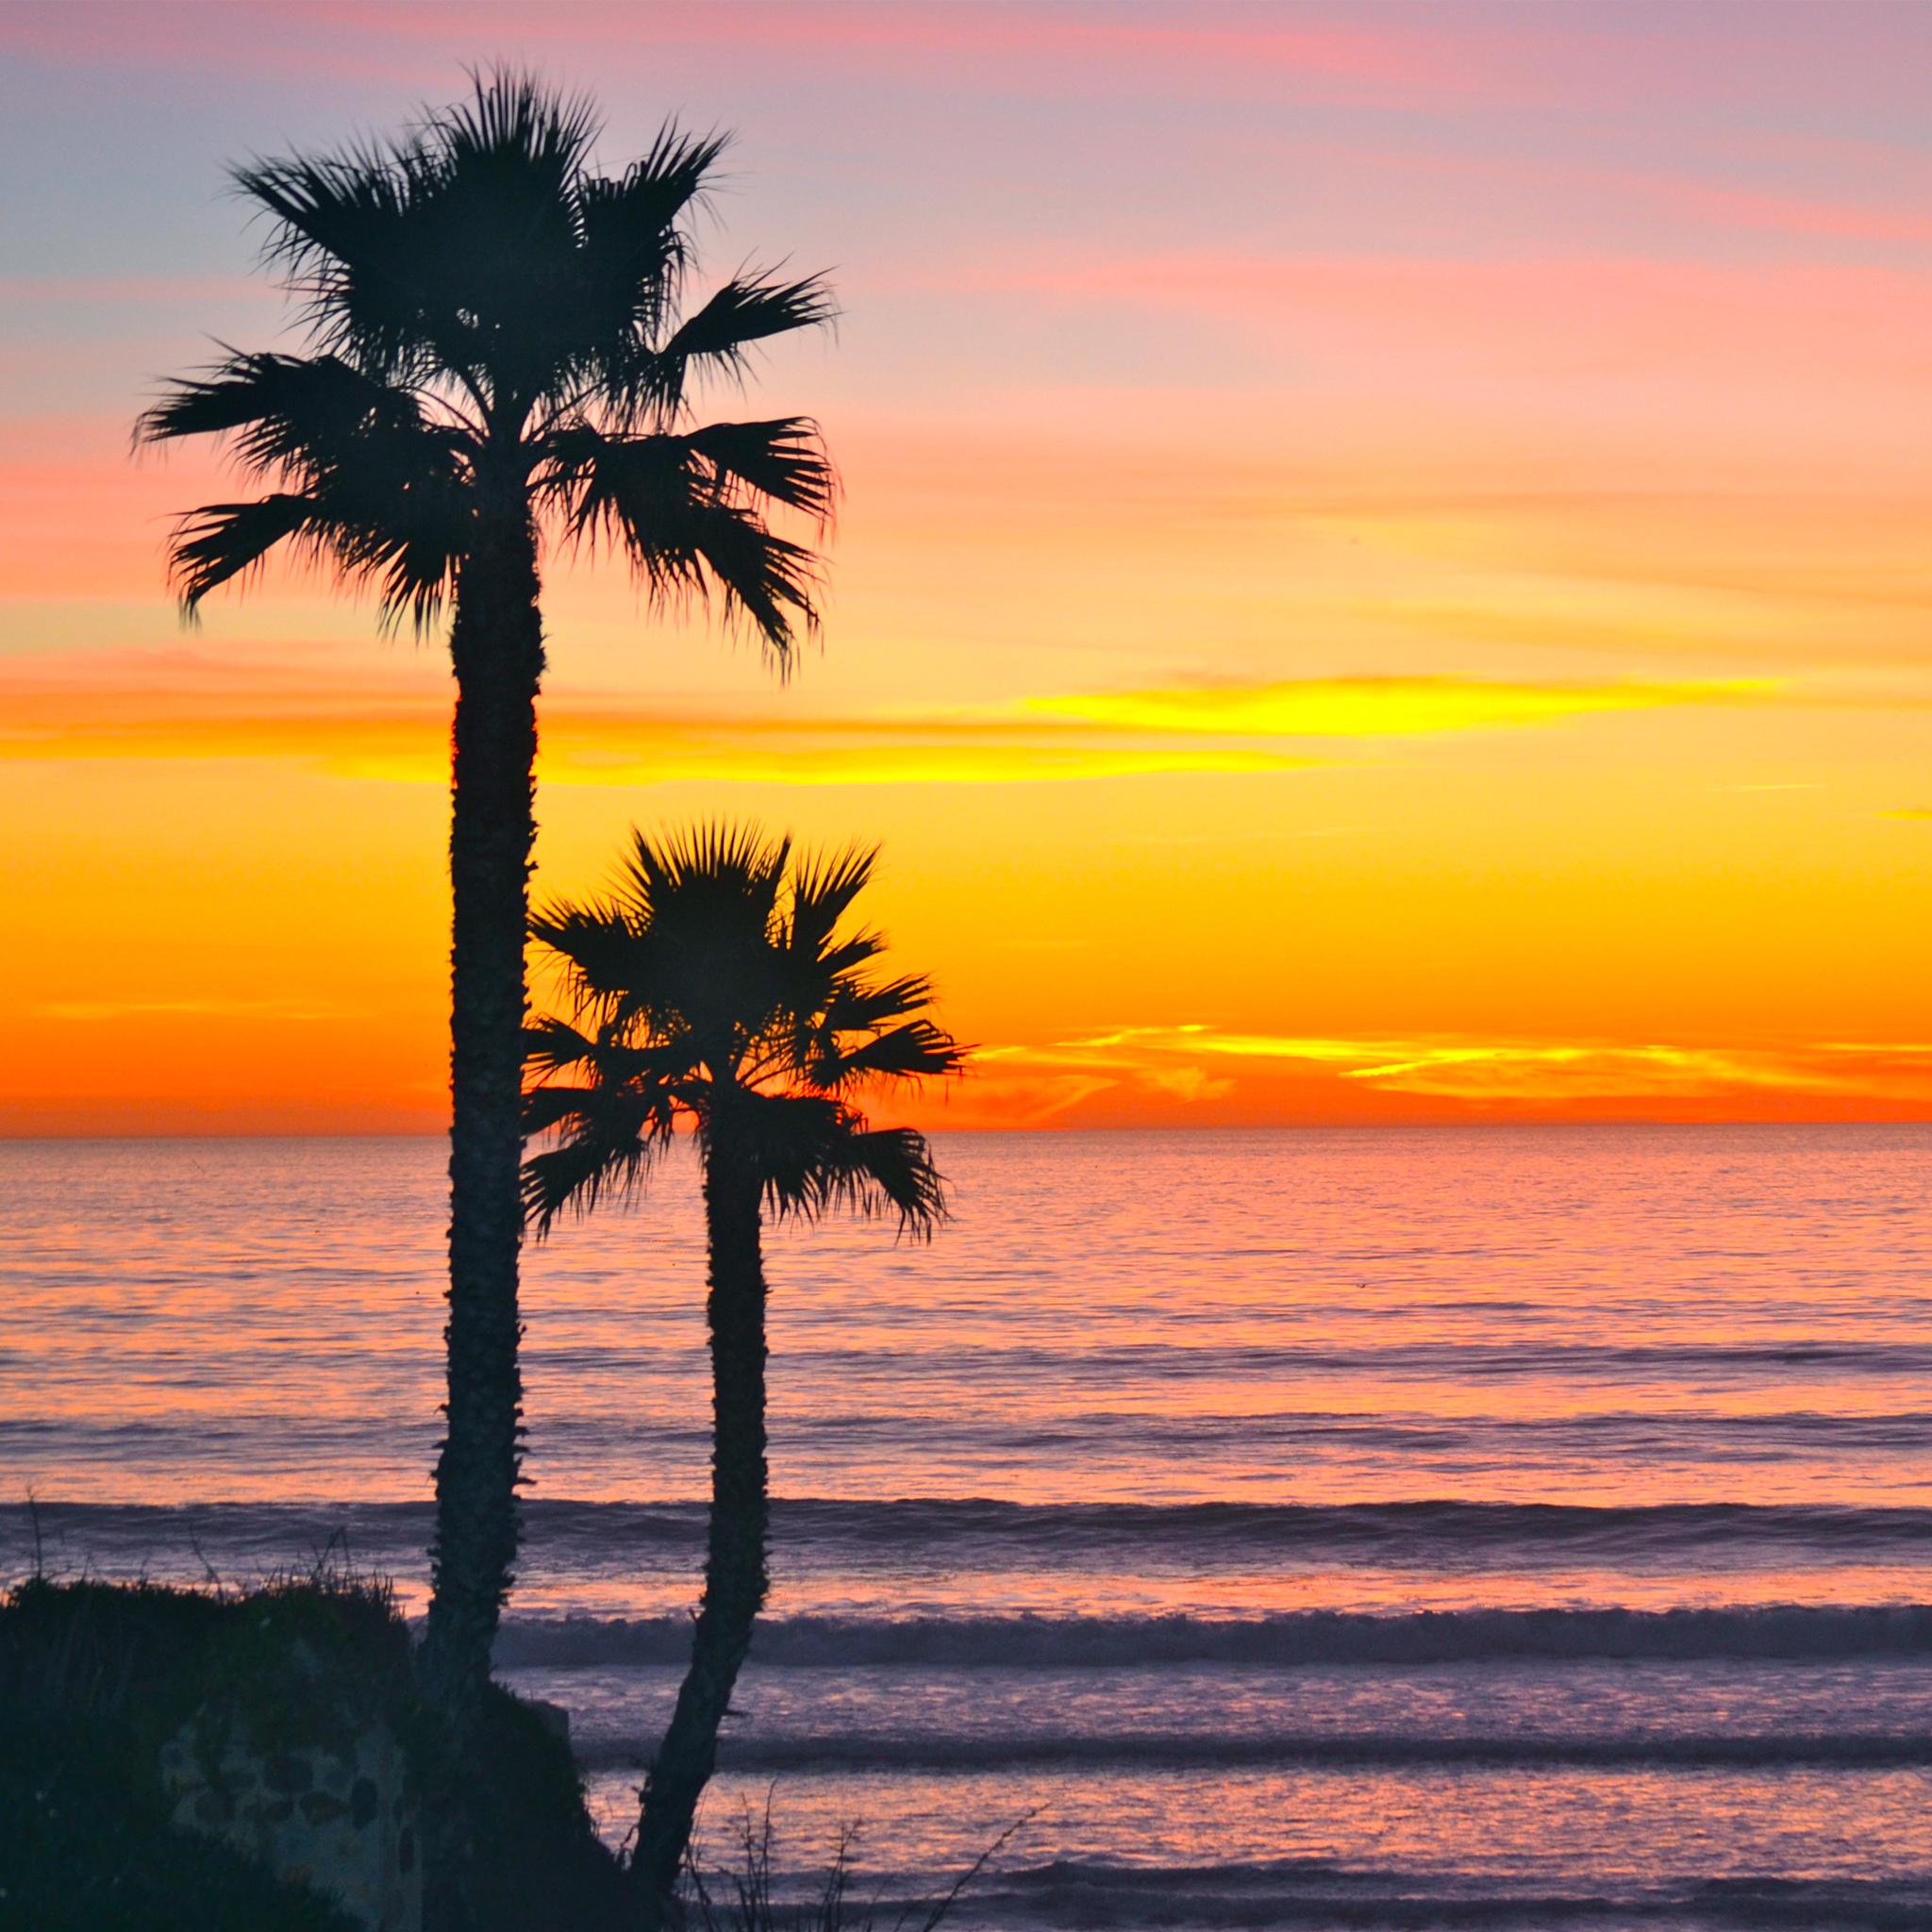 Ocean Sunset 3Wallpapers iPad Ocean Sunset   iPad